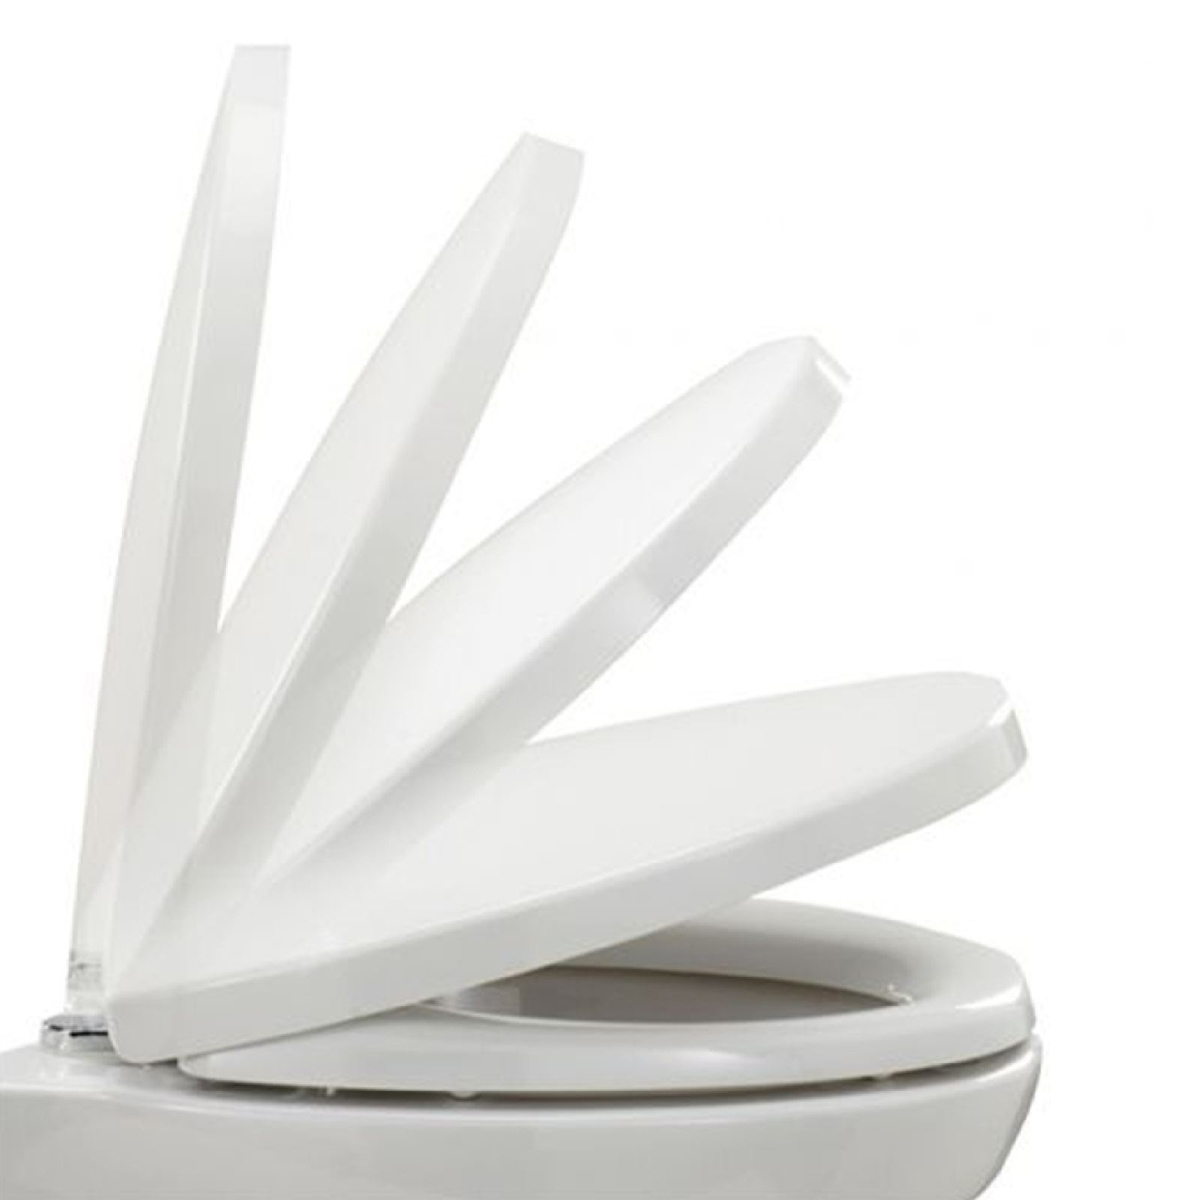 Parisi toilet seat 45mm diamond hole saw